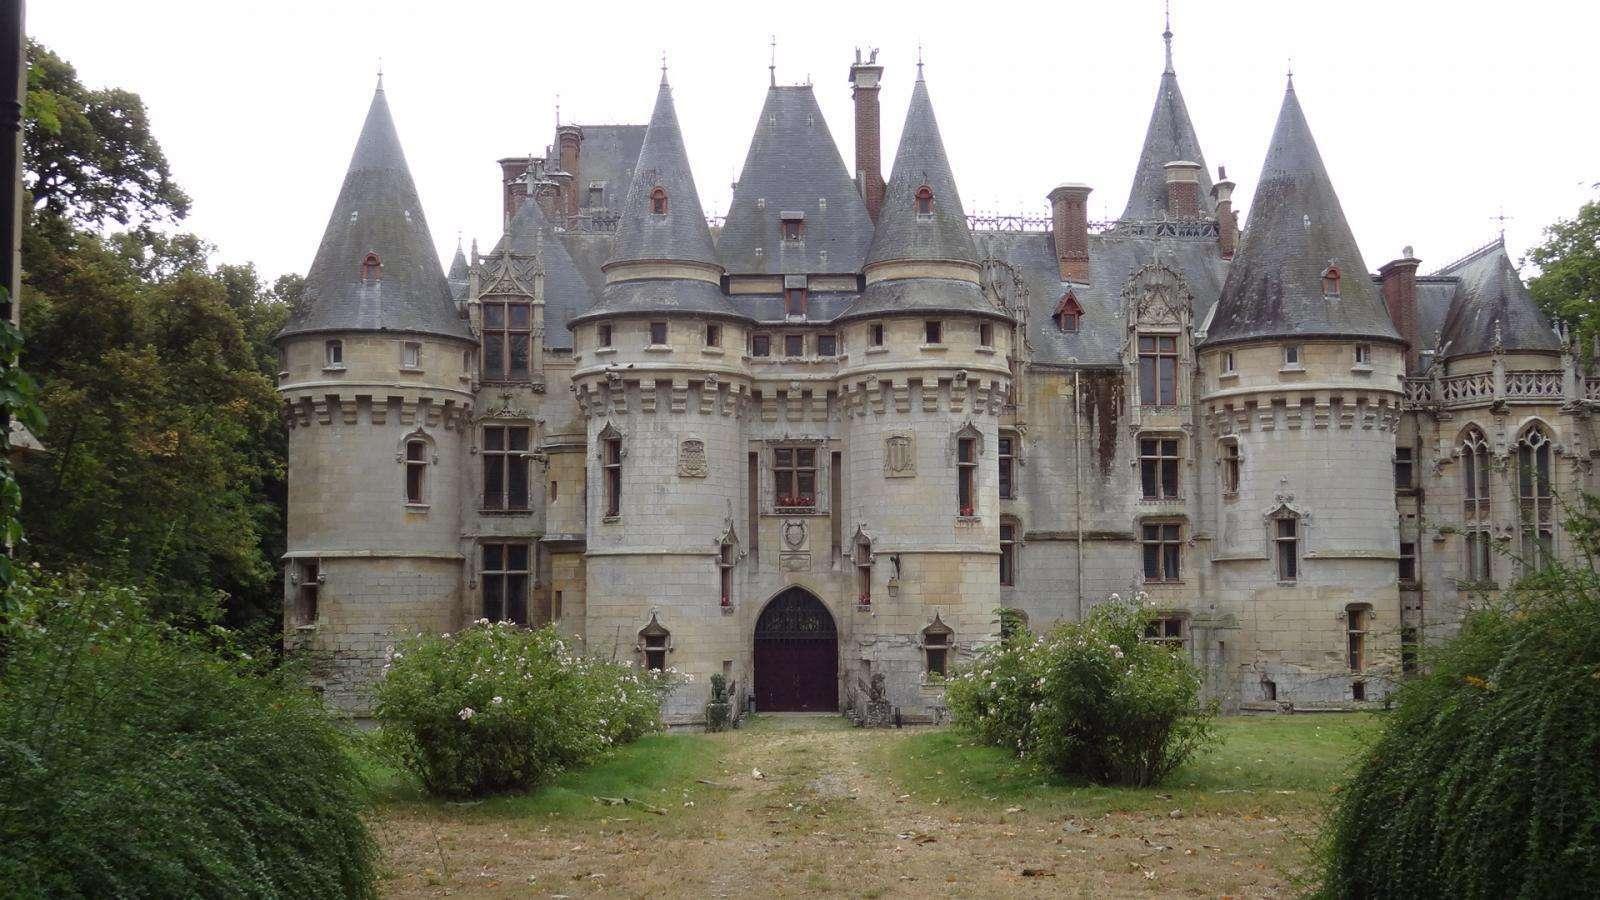 Vigny : Ville Et Quartier Vigny 95450 (Adresse, Horaire Et concernant Les Aubes Du Vexin